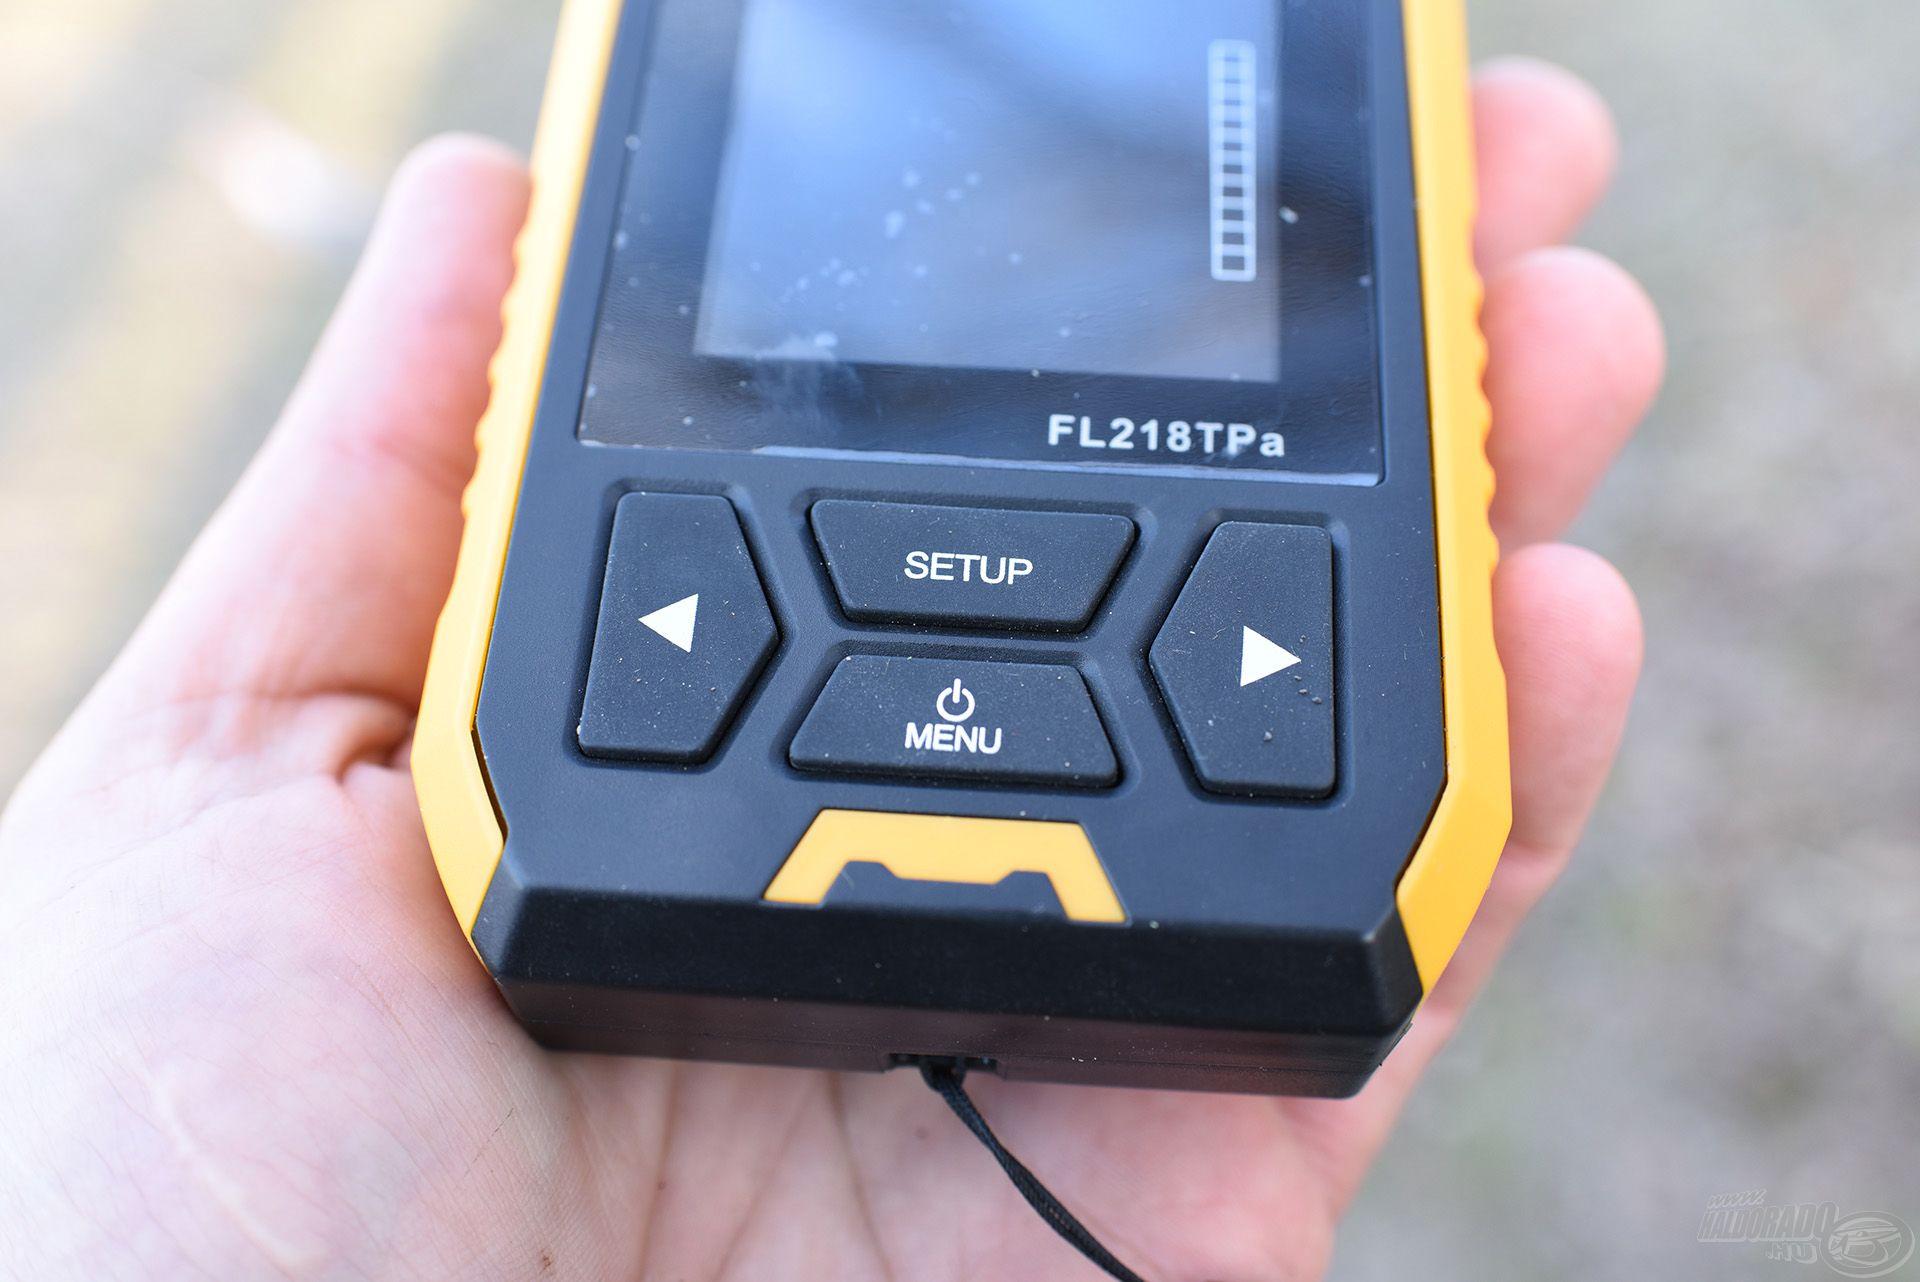 A készülék alján találjuk a bekapcsoló gombot, ezt röviden megnyomva be is kapcsoltuk. Figyelem! Hosszan nyomva a demó módba jutunk, ami csak a készülék tesztelésére jó